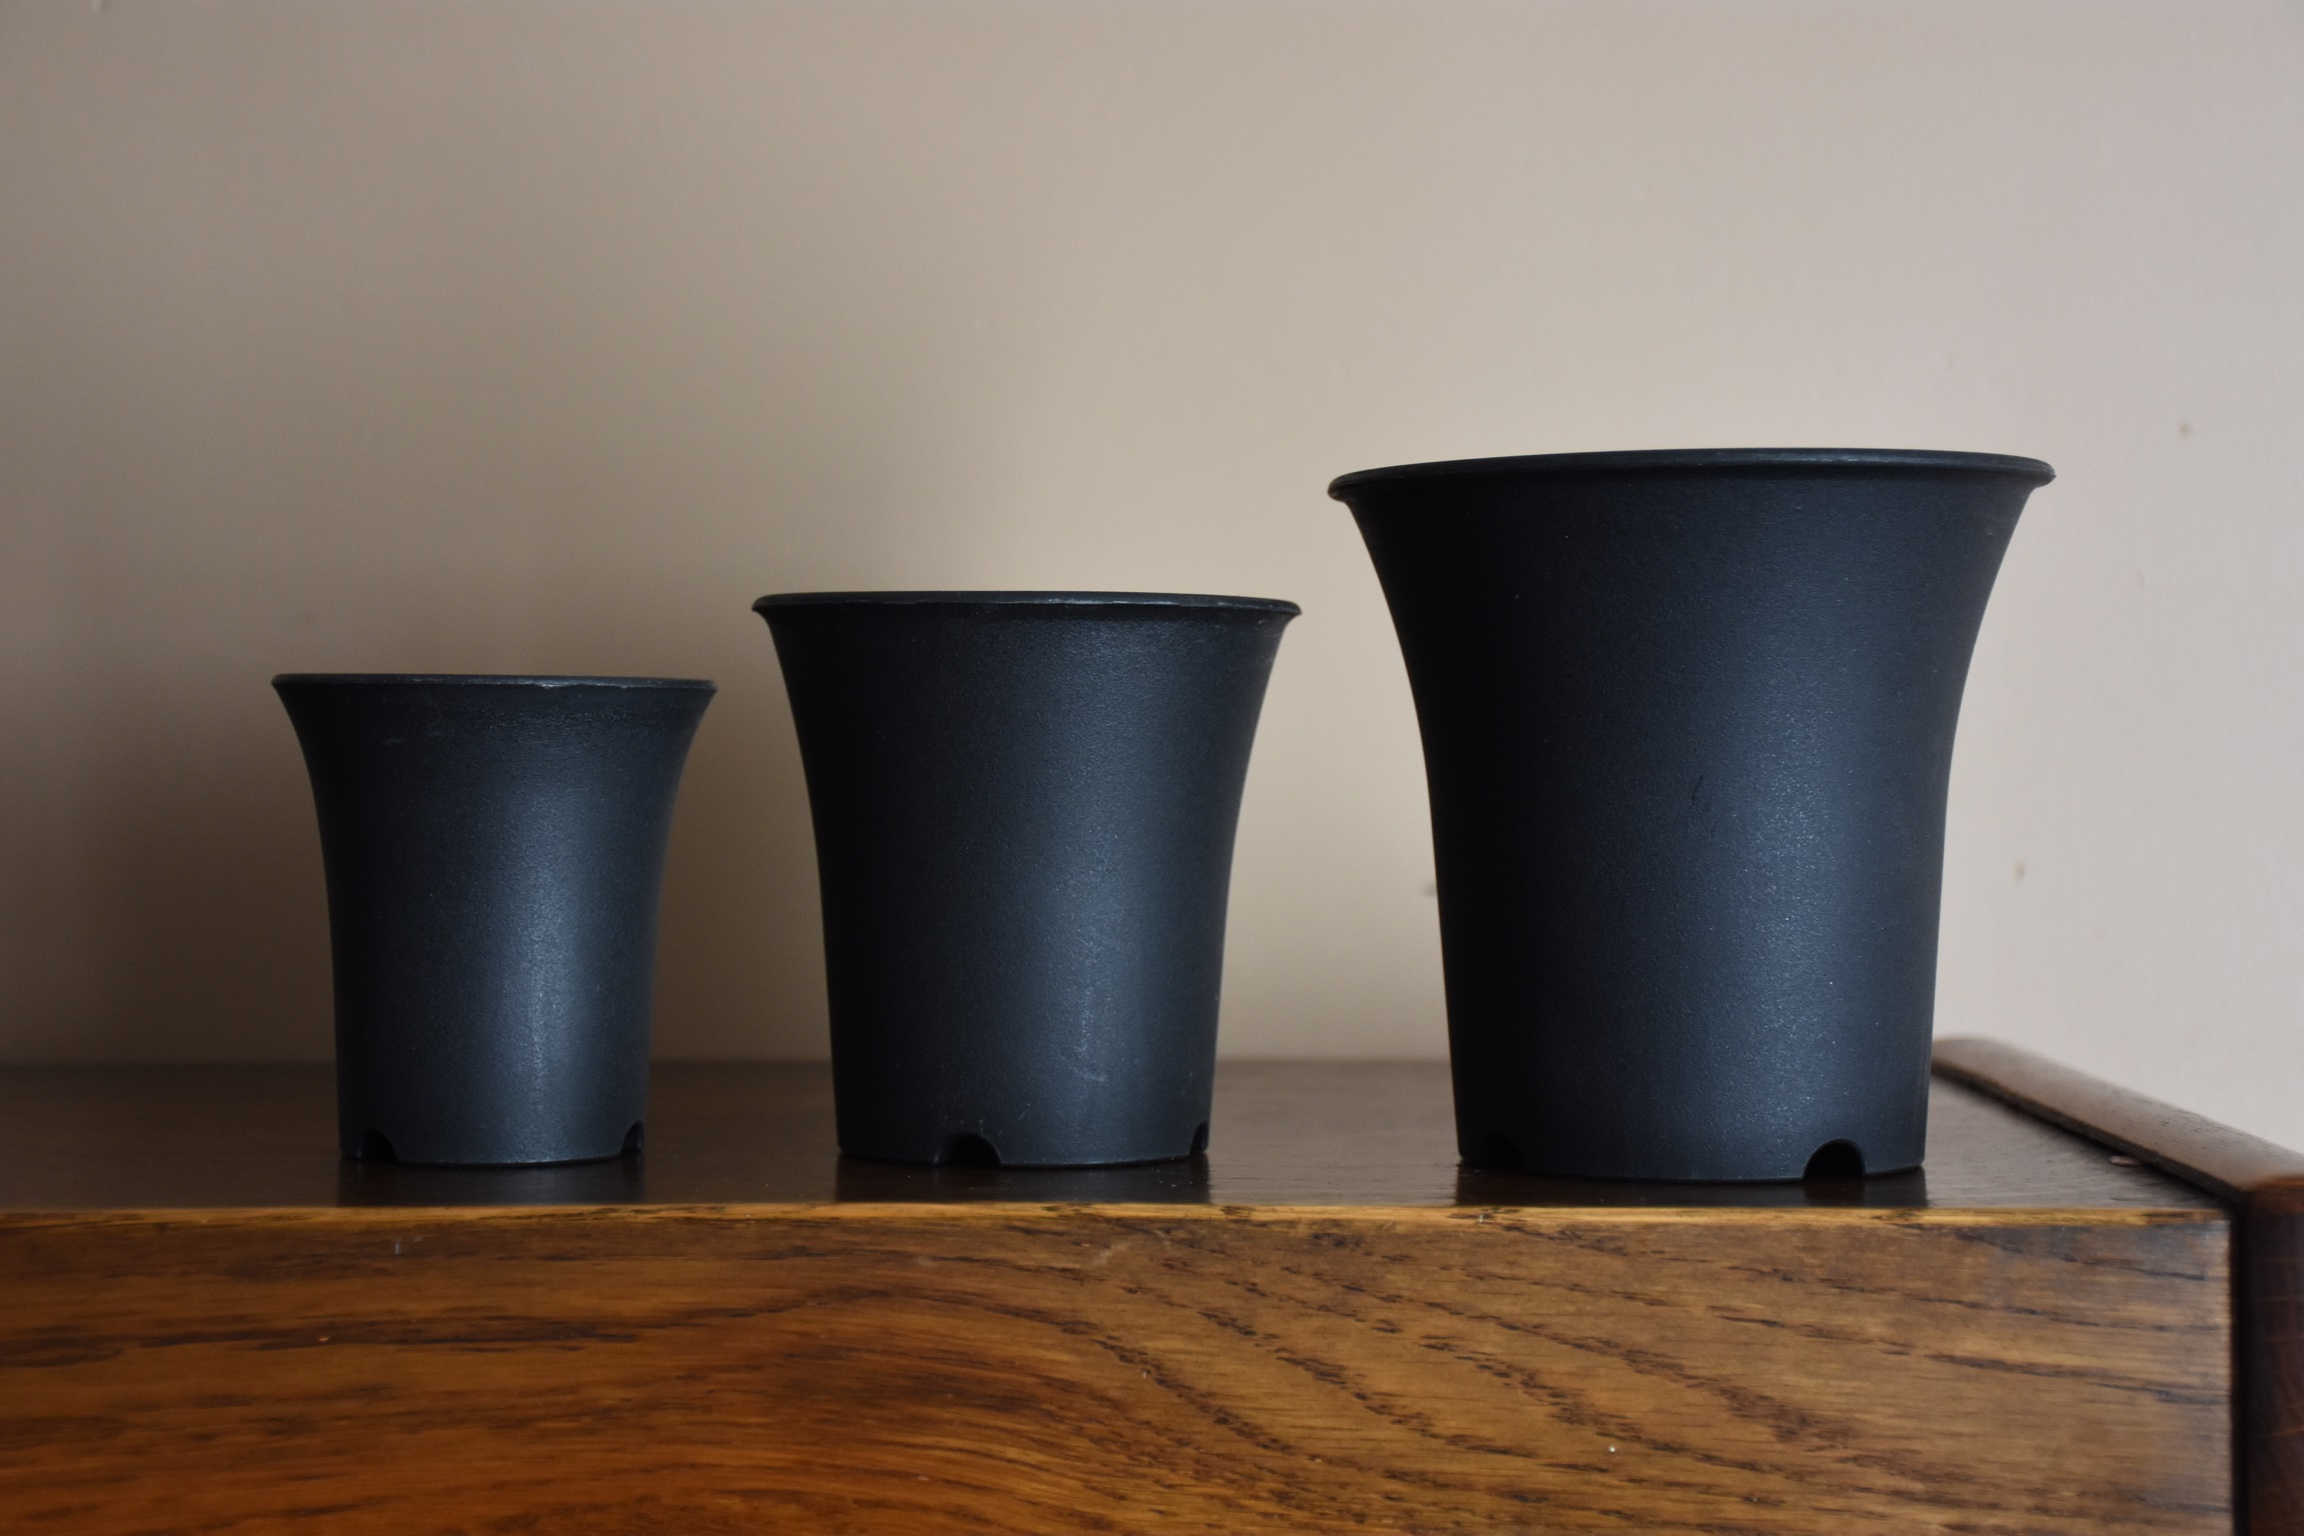 3 black pots